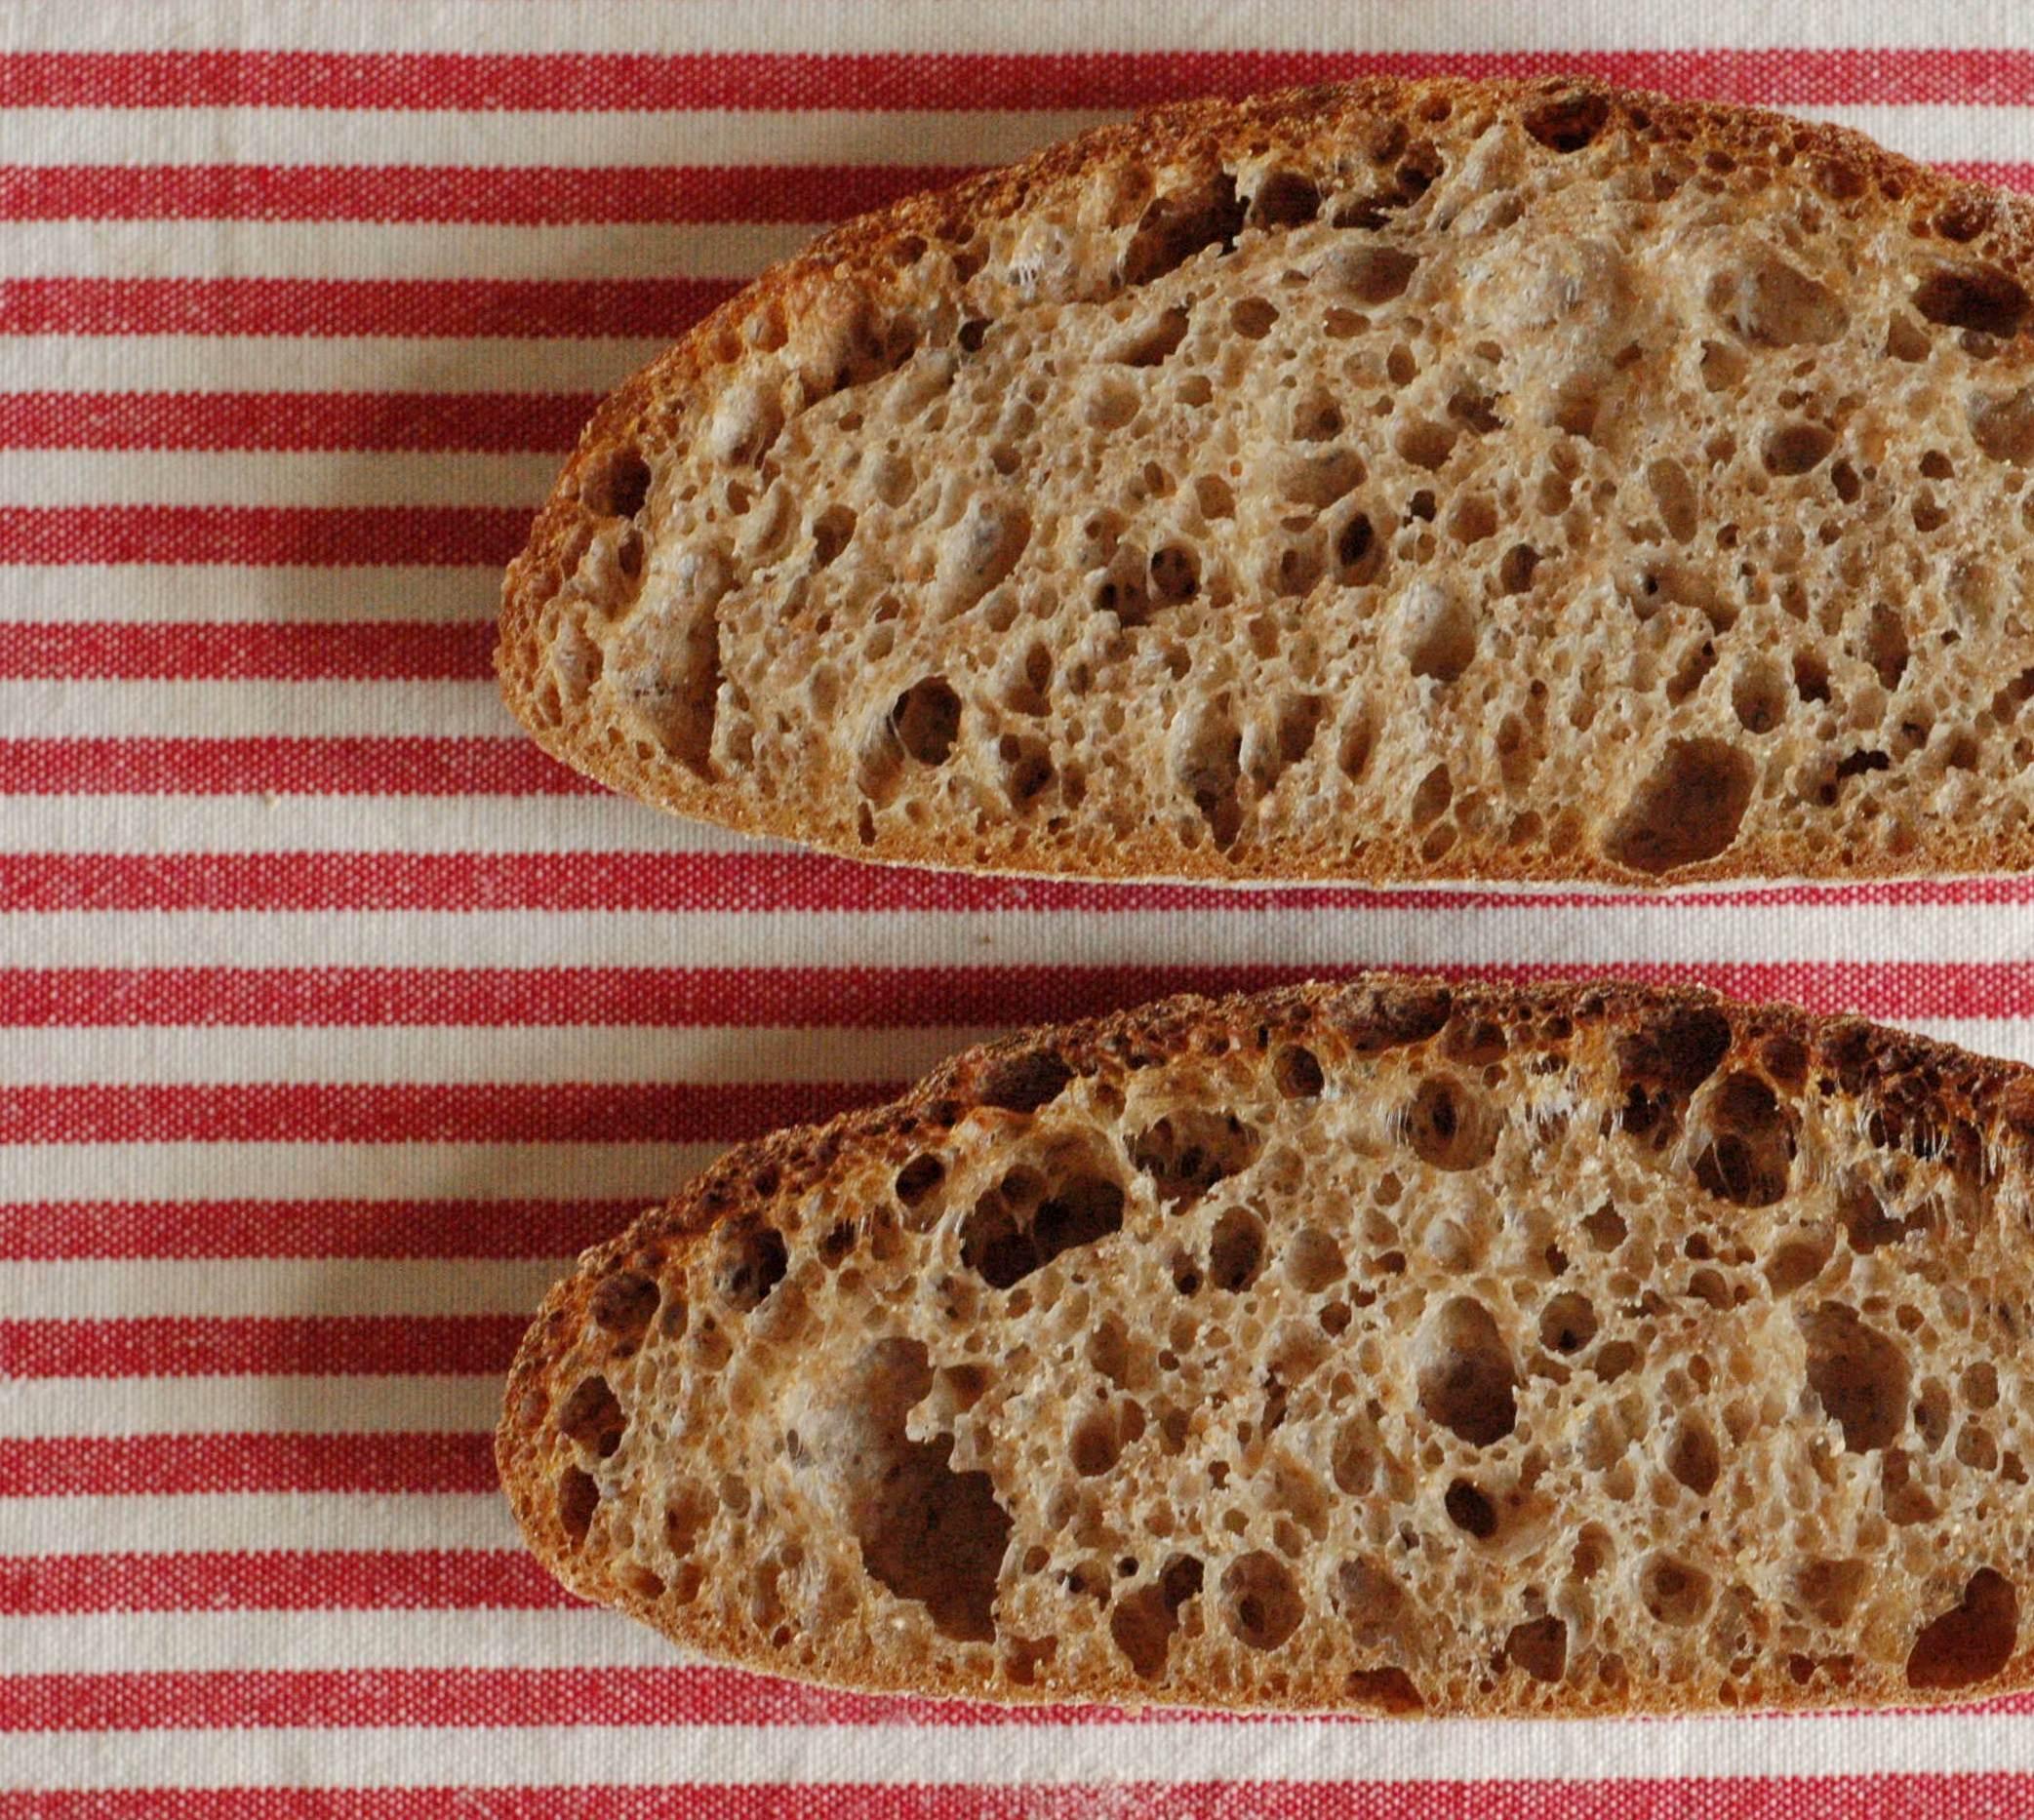 Špaldovo-pšeničný celozrnný chléb